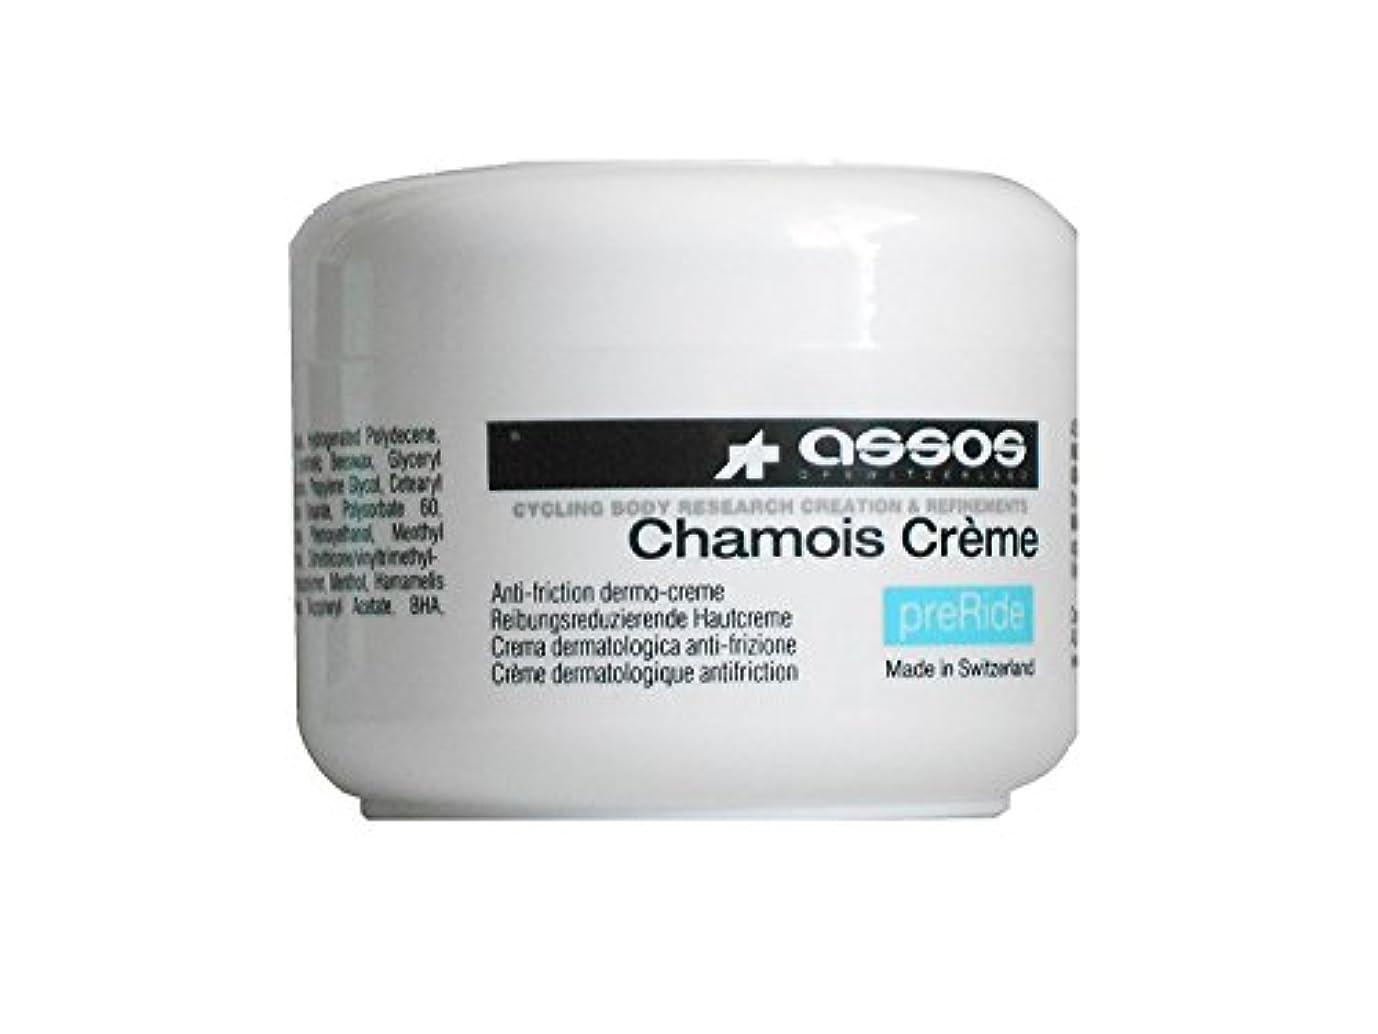 スパイラル結晶押し下げるASSOS アソスシャーミークリーム(シャモア クリーム) [並行輸入品]